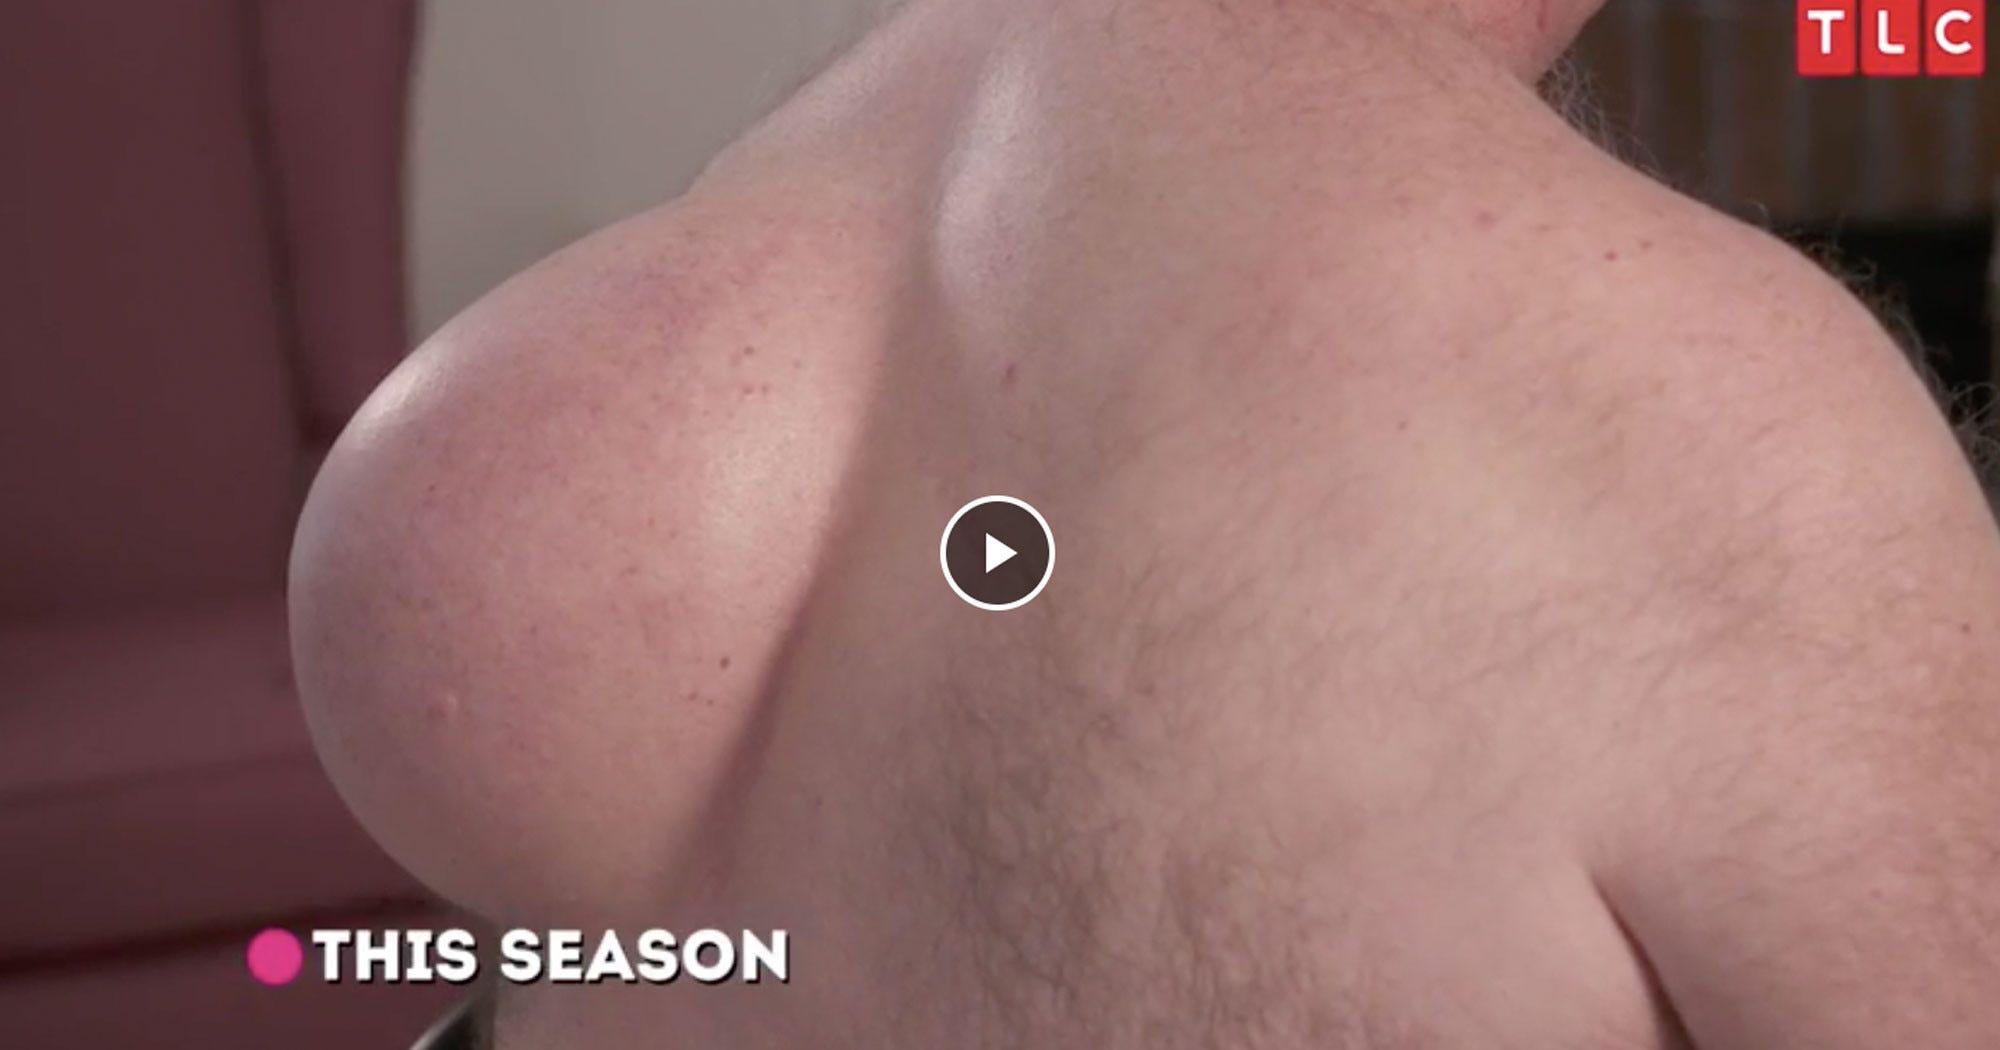 Dr Pimple Popper Season 3 Trailer Shows Crazy Surgery